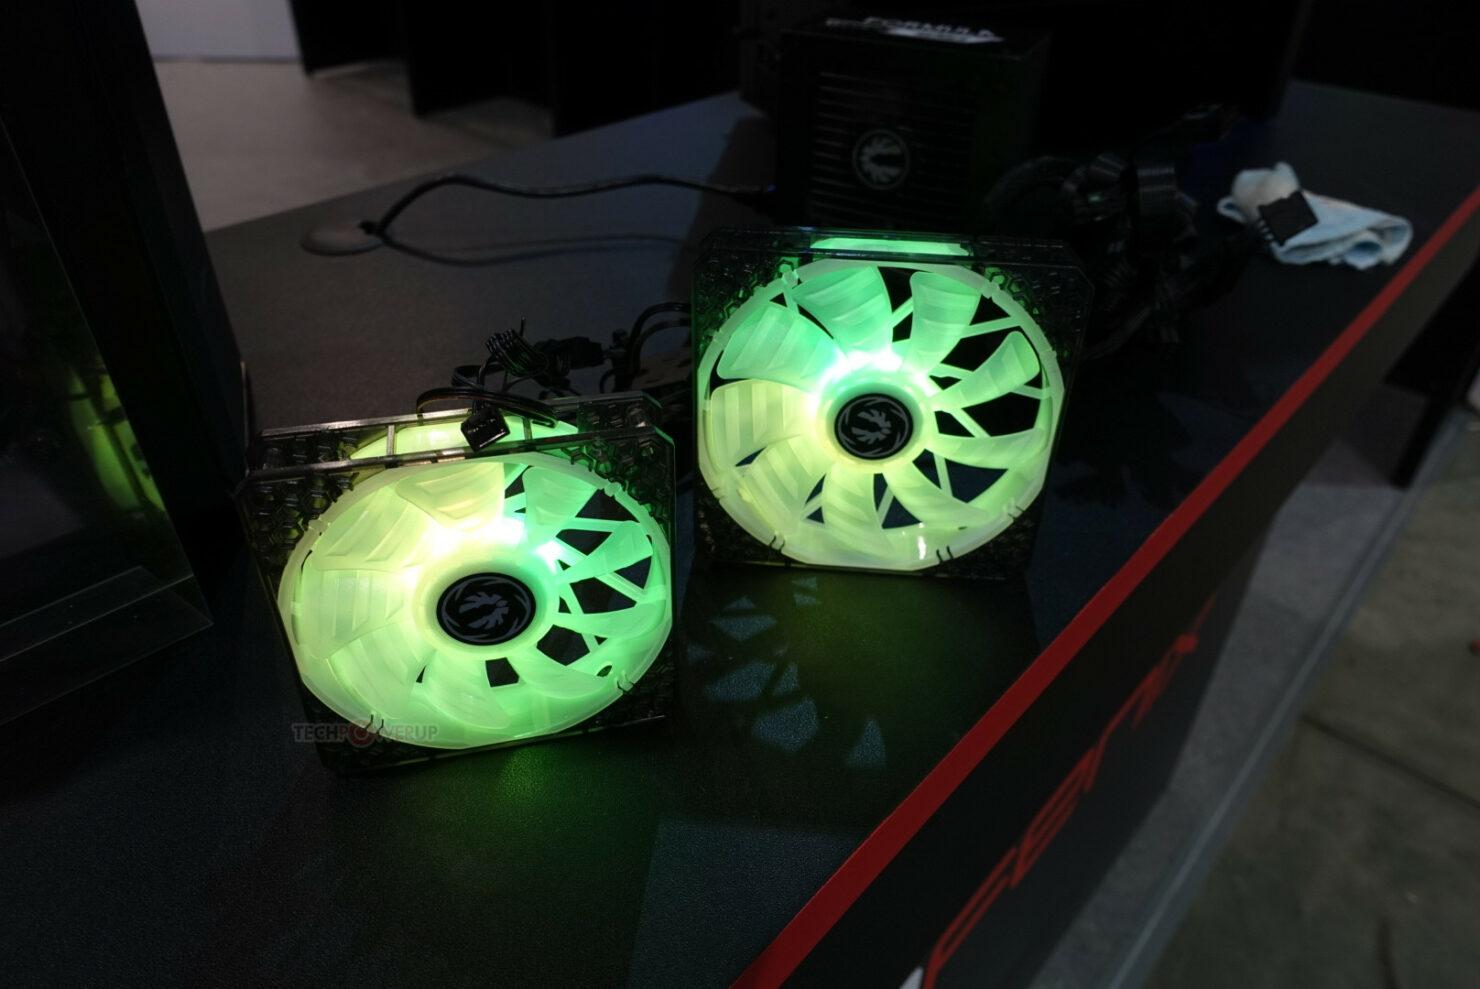 bitfenix-spectre-rgb-fans-2